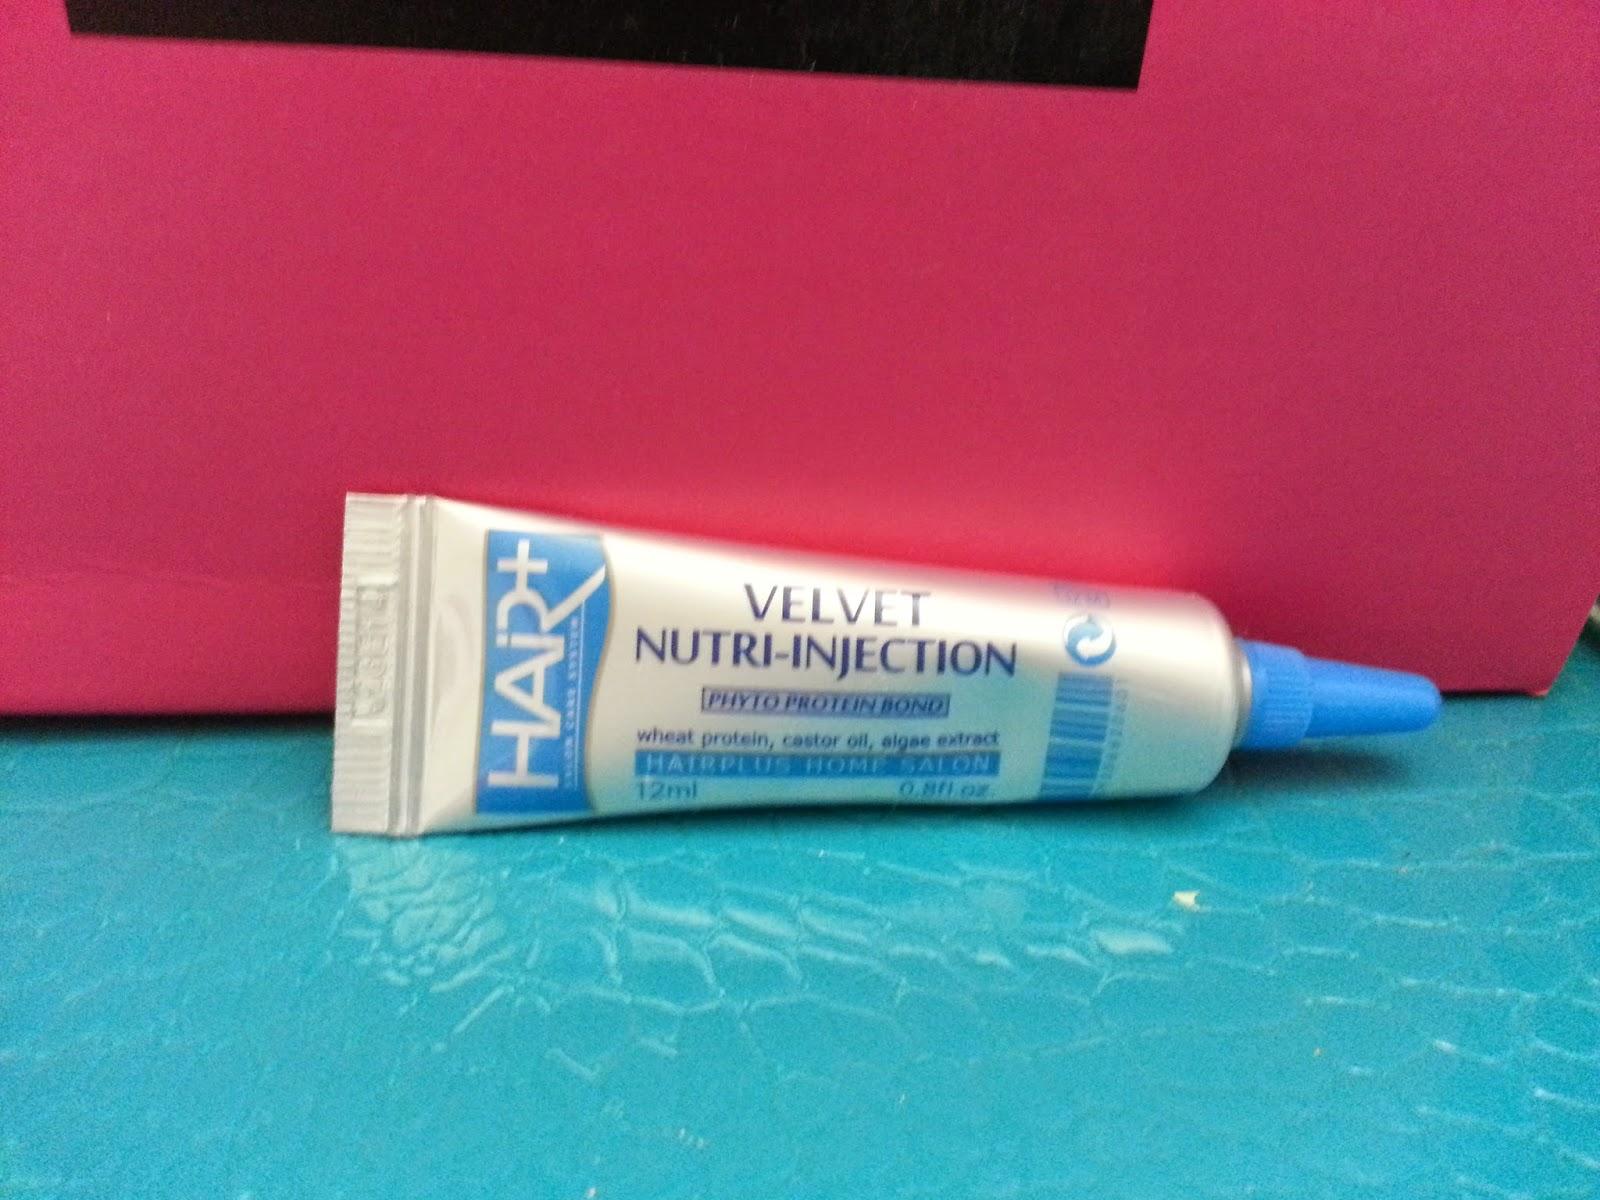 Hair+ Velvet Nutri-Injection